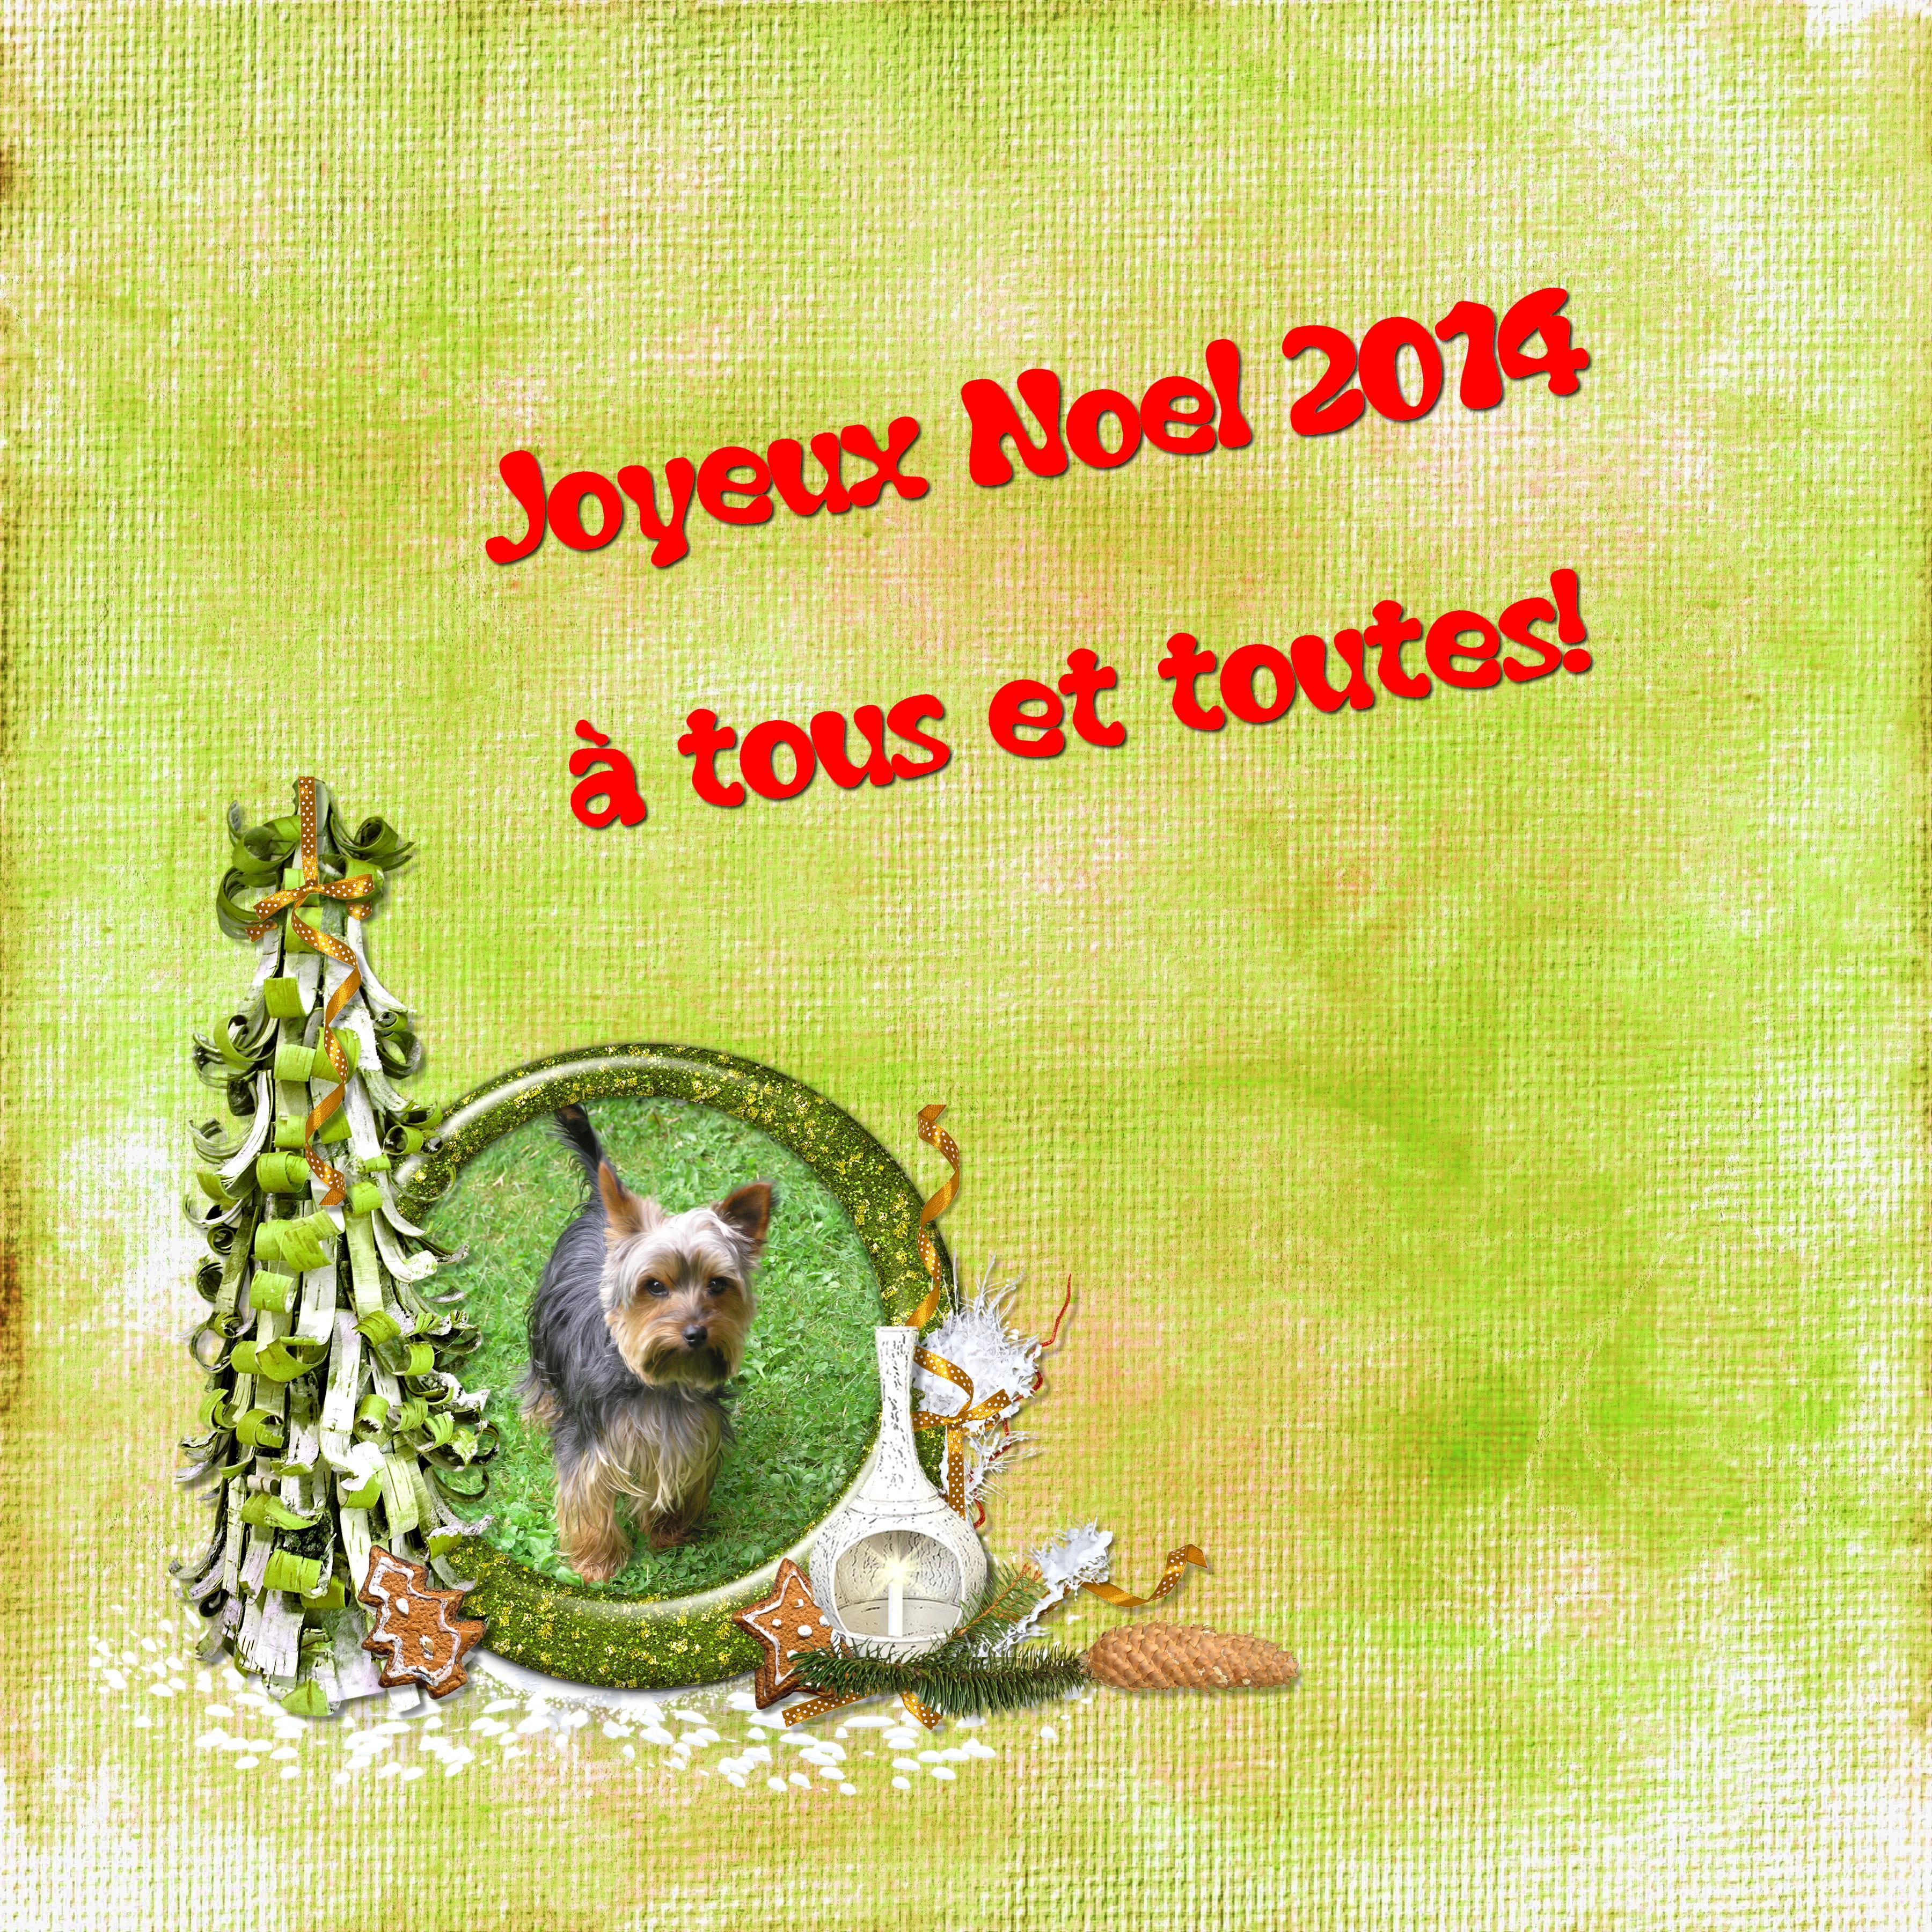 joyeux noel 2014